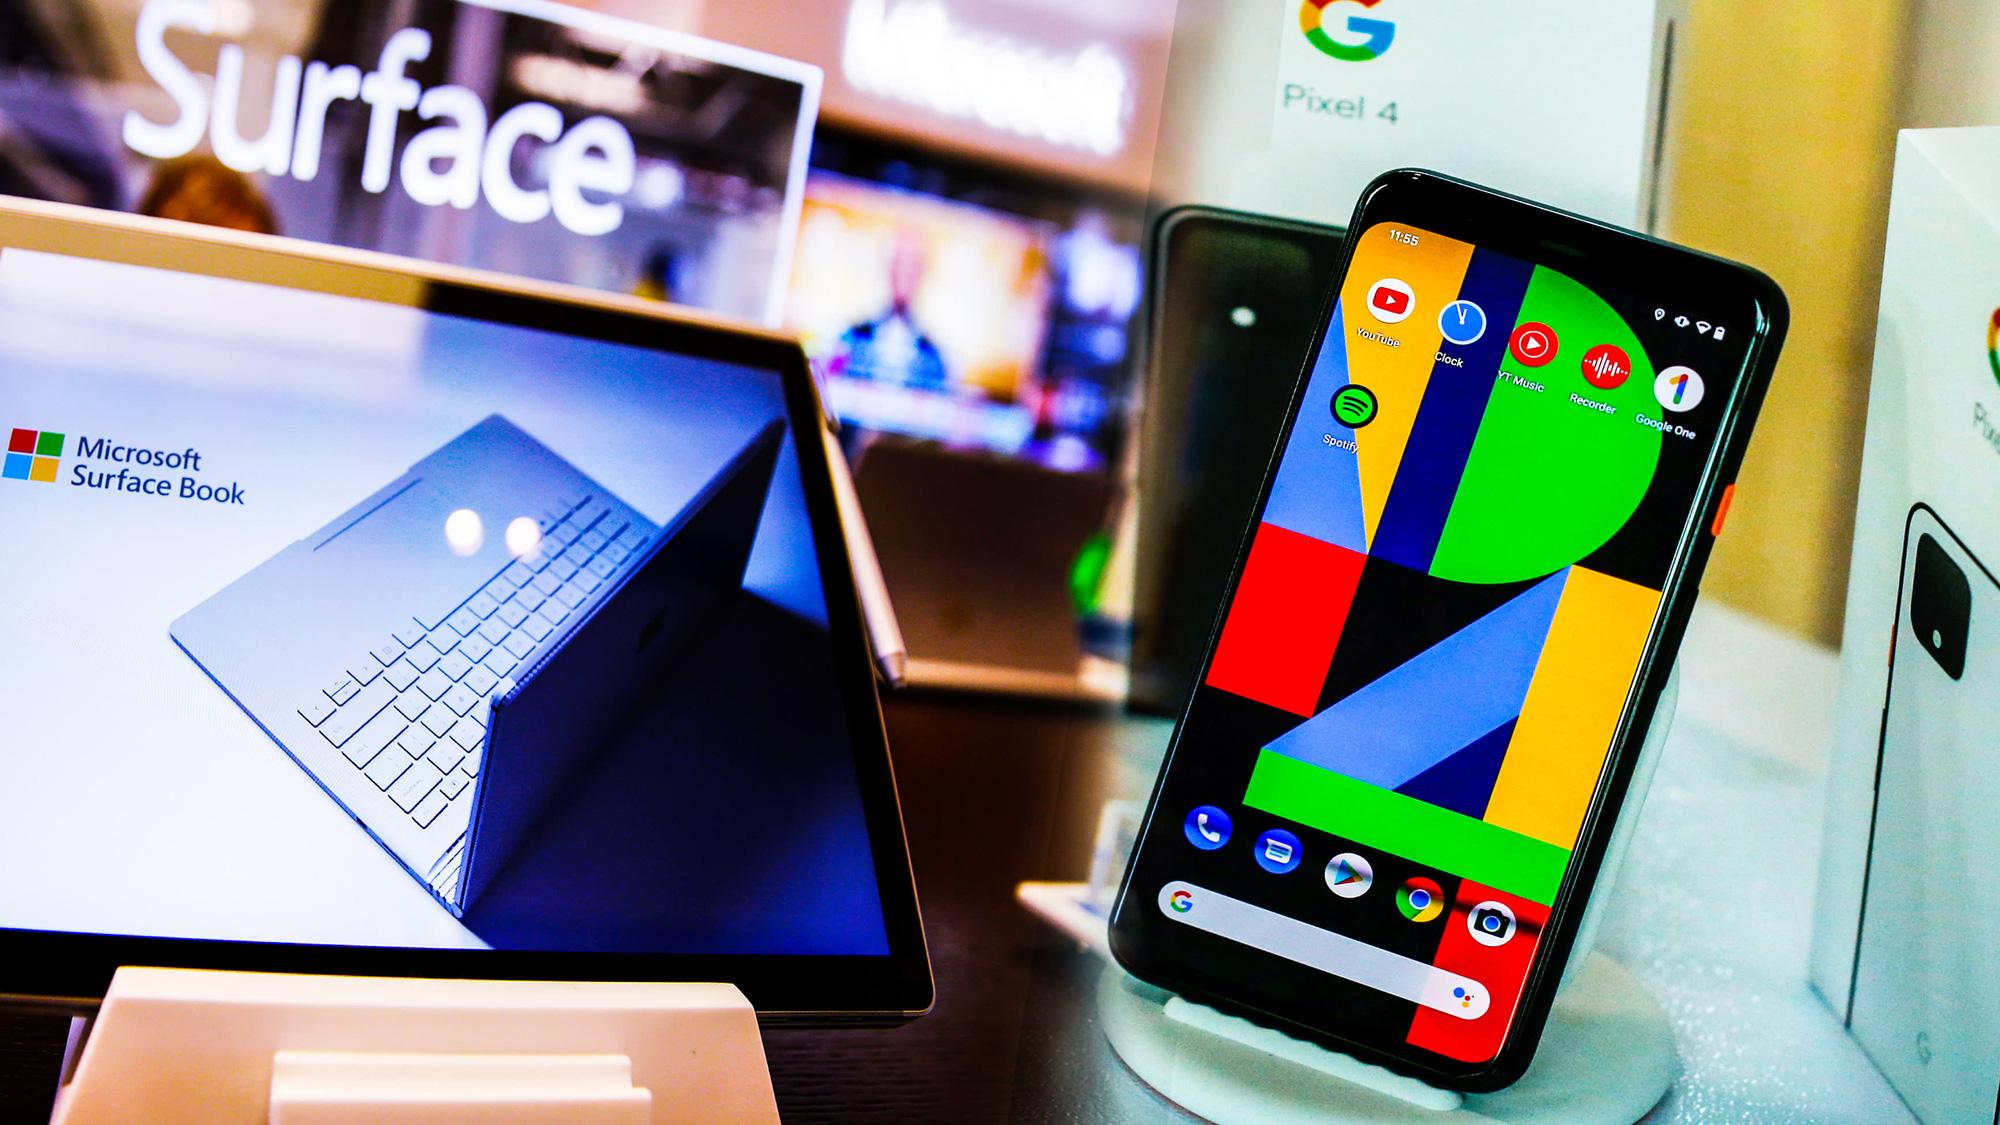 Điện thoại Pixel và máy tính xách tay Surface sẽ được sản xuất tại Việt Nam trong năm nay - Ảnh 1.